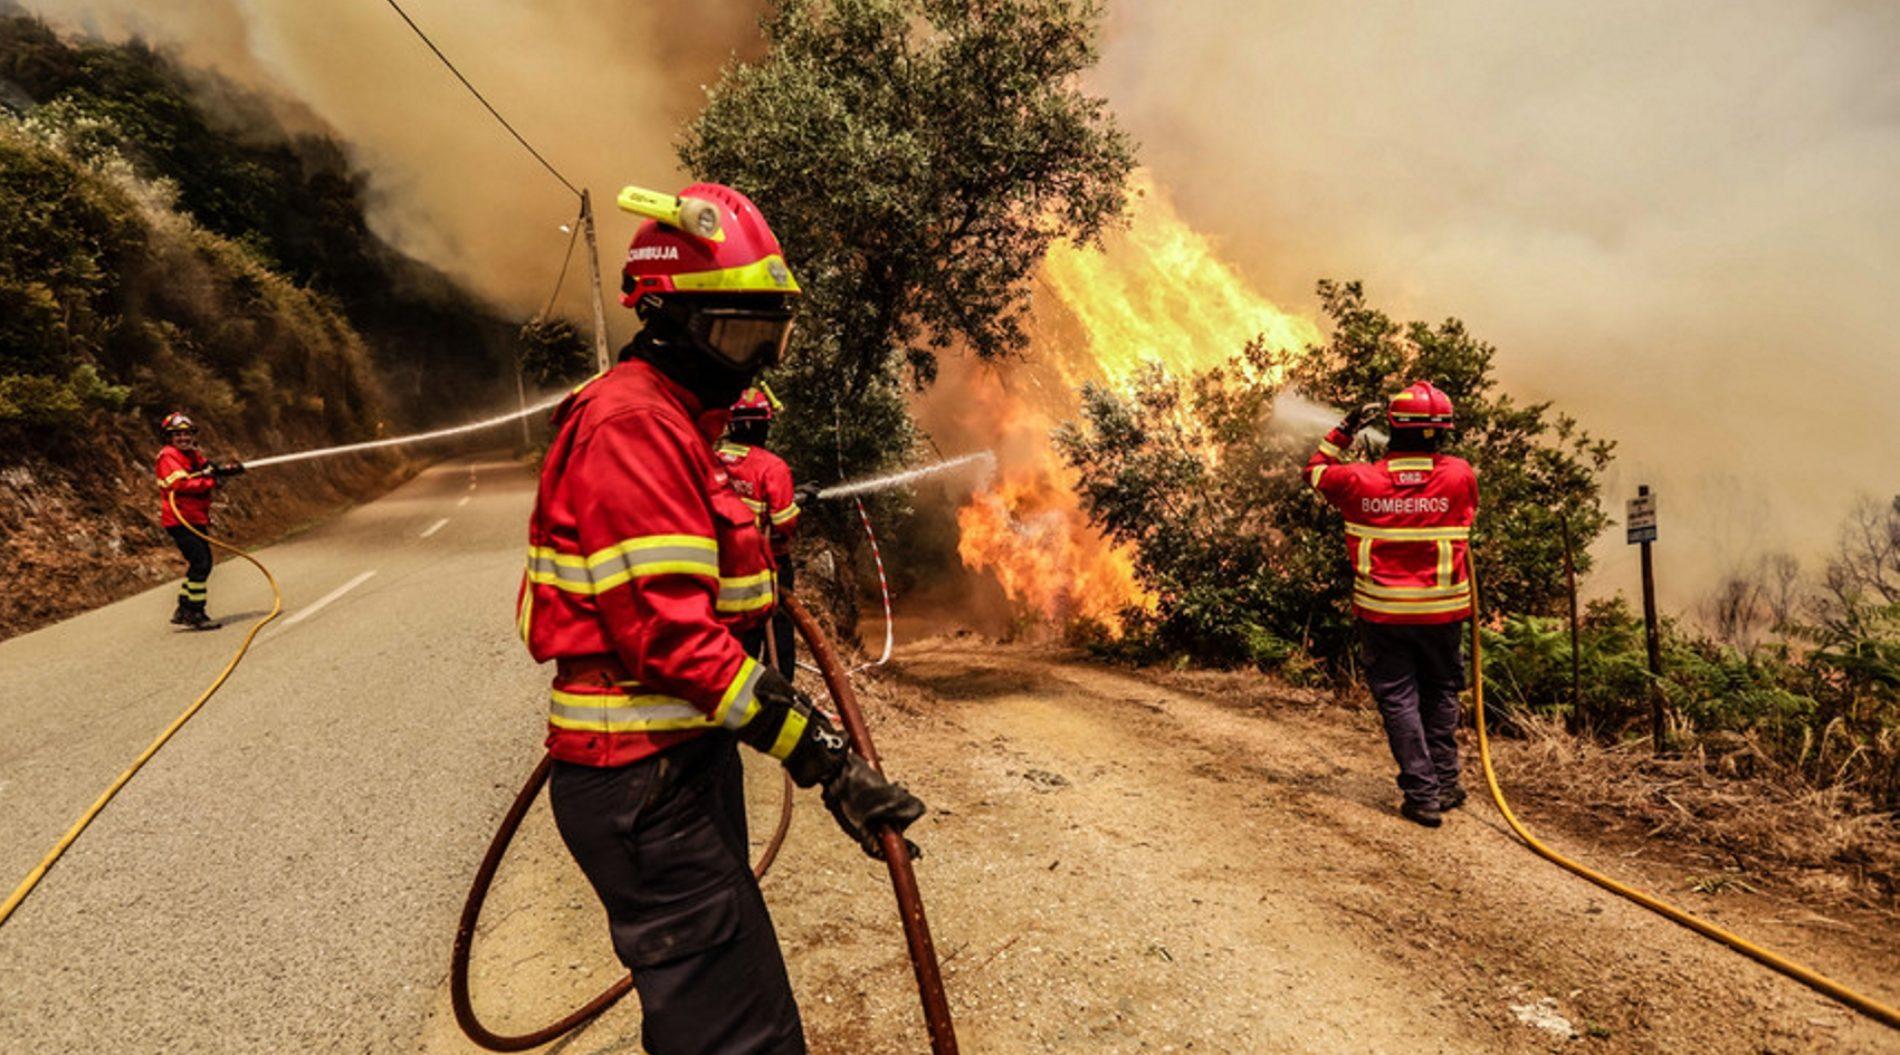 Municípios da Região de Coimbra uniformizam procedimento relativo à realização de queimas e queimadas durante o período crítico